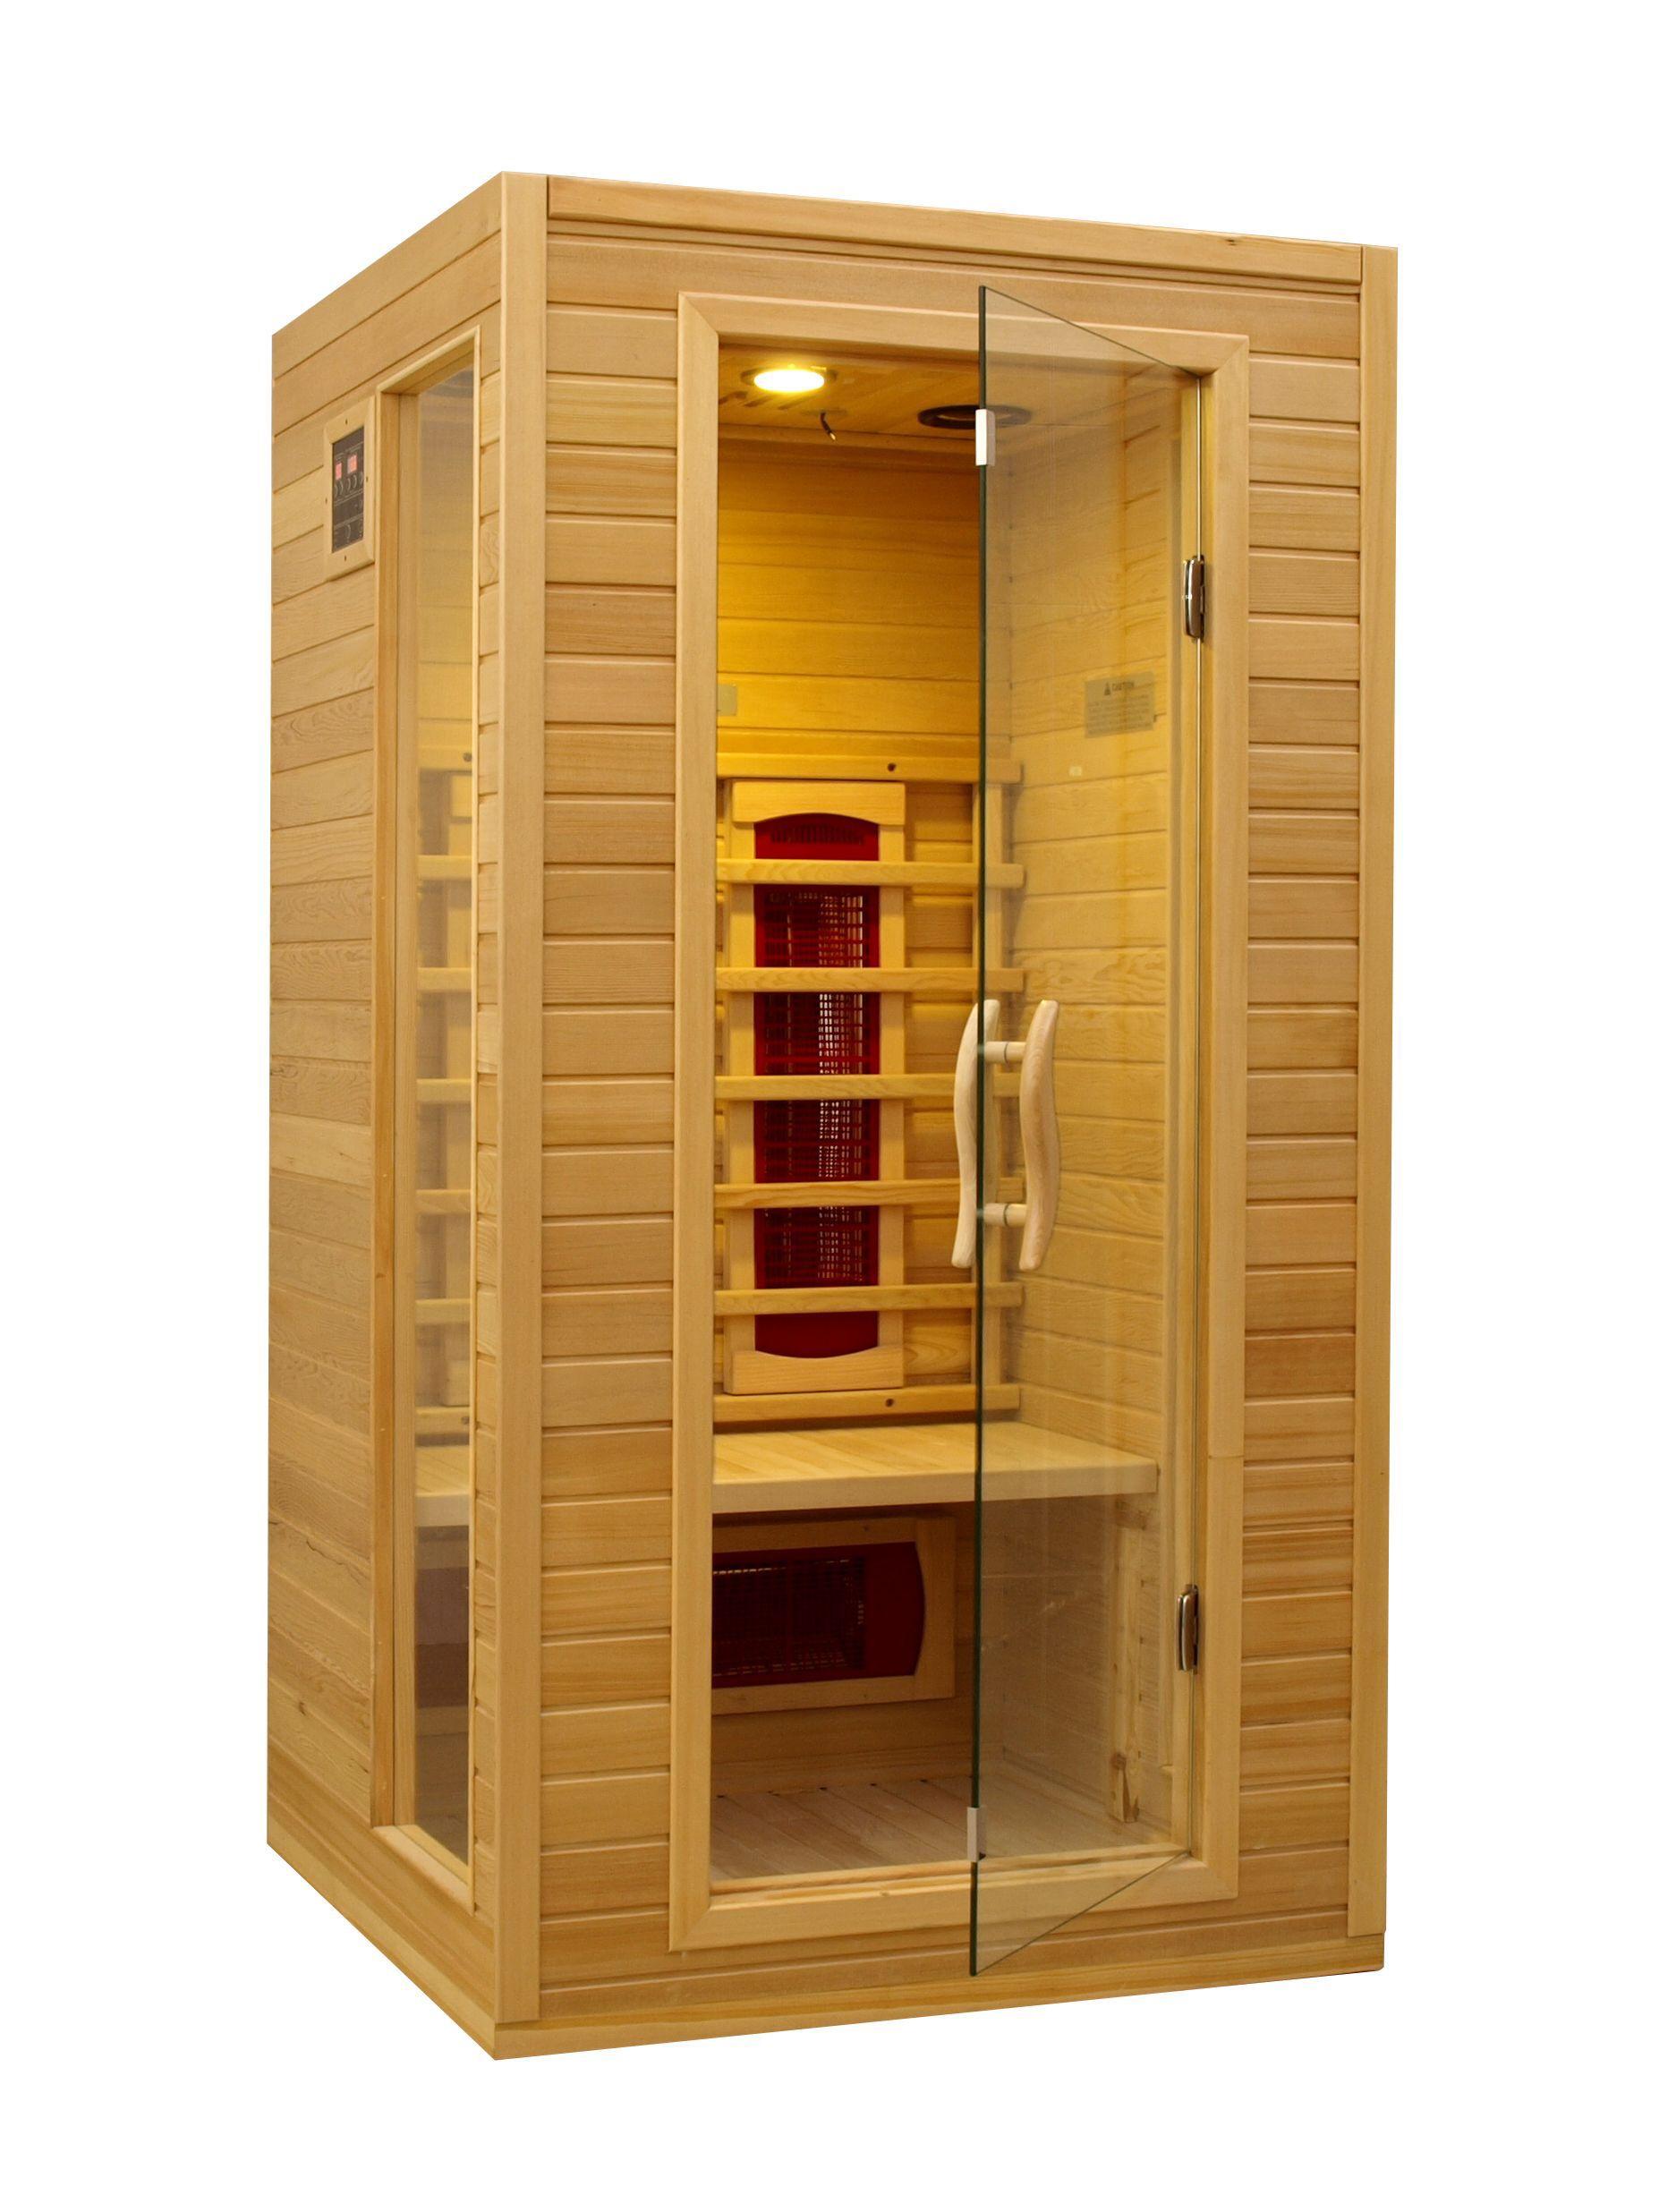 2 Person Ceramic Far Infrared Sauna I Small House